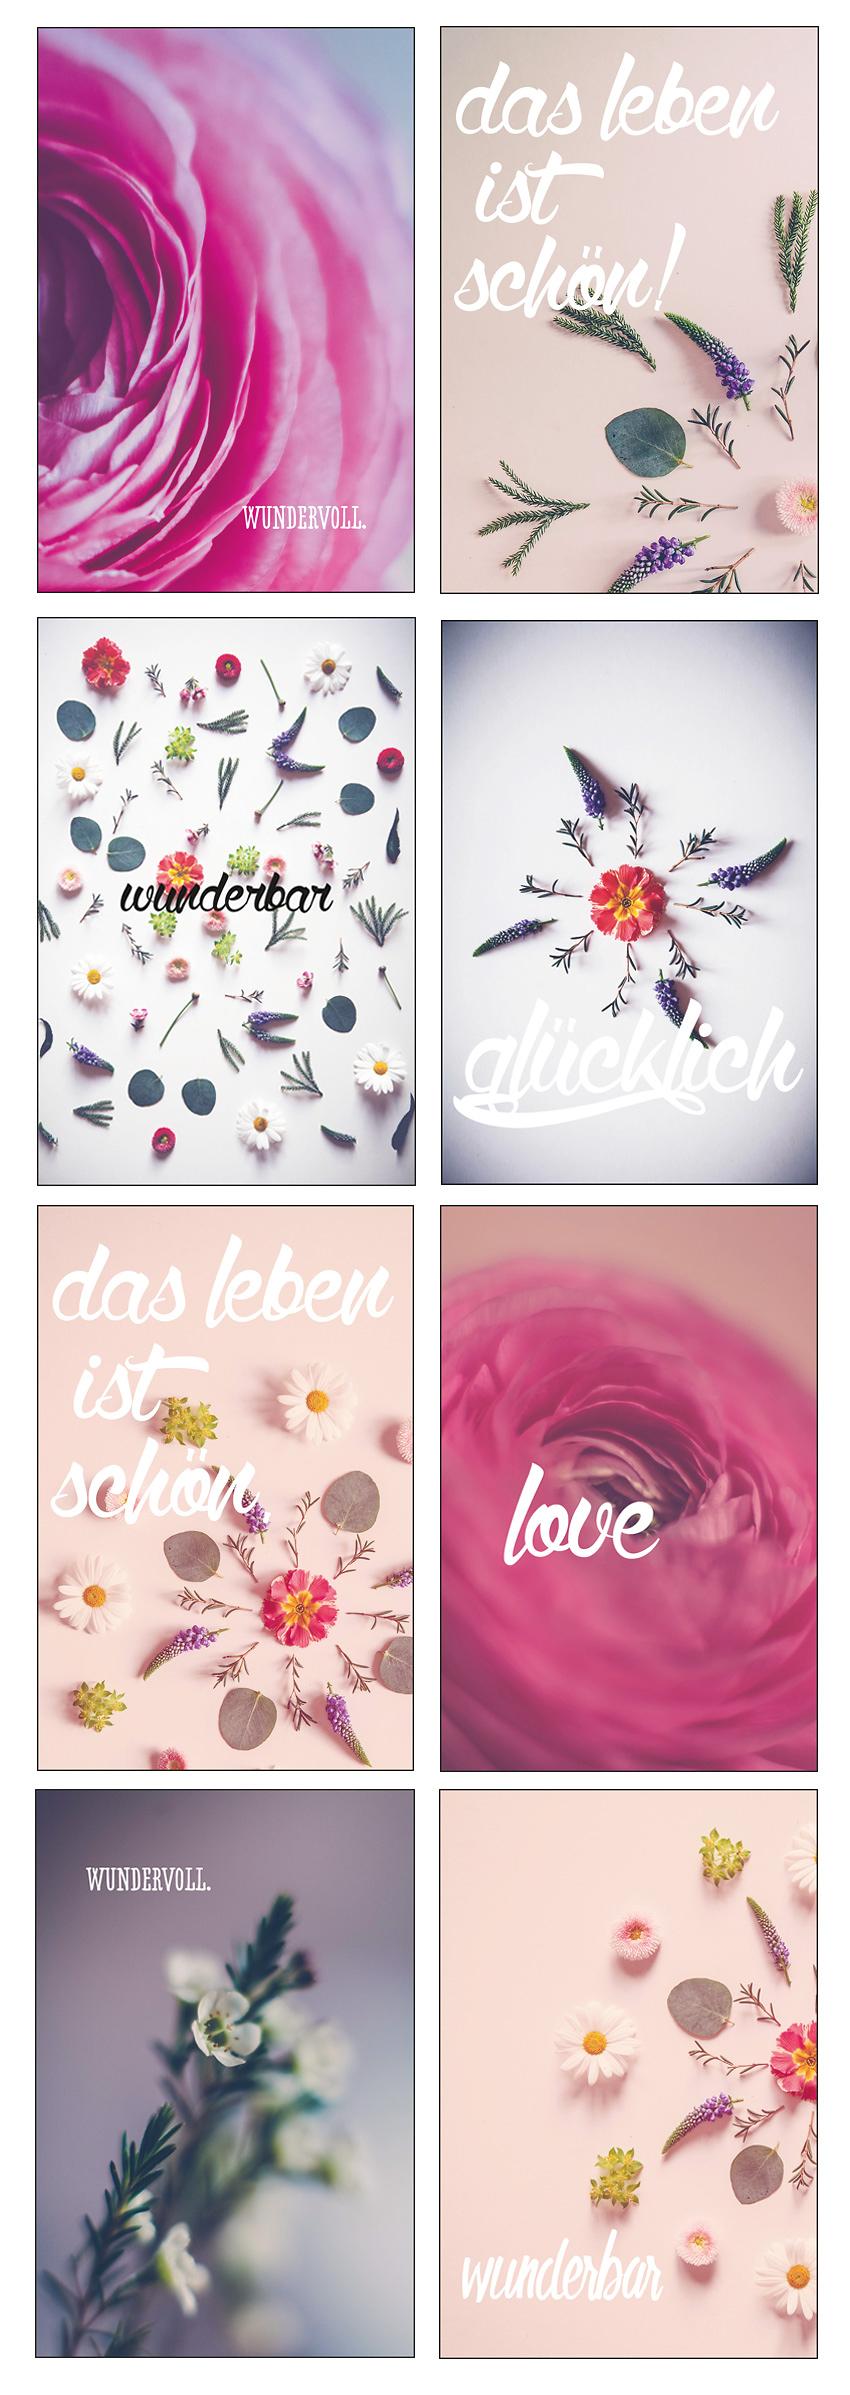 Postkarten aus Öhringen